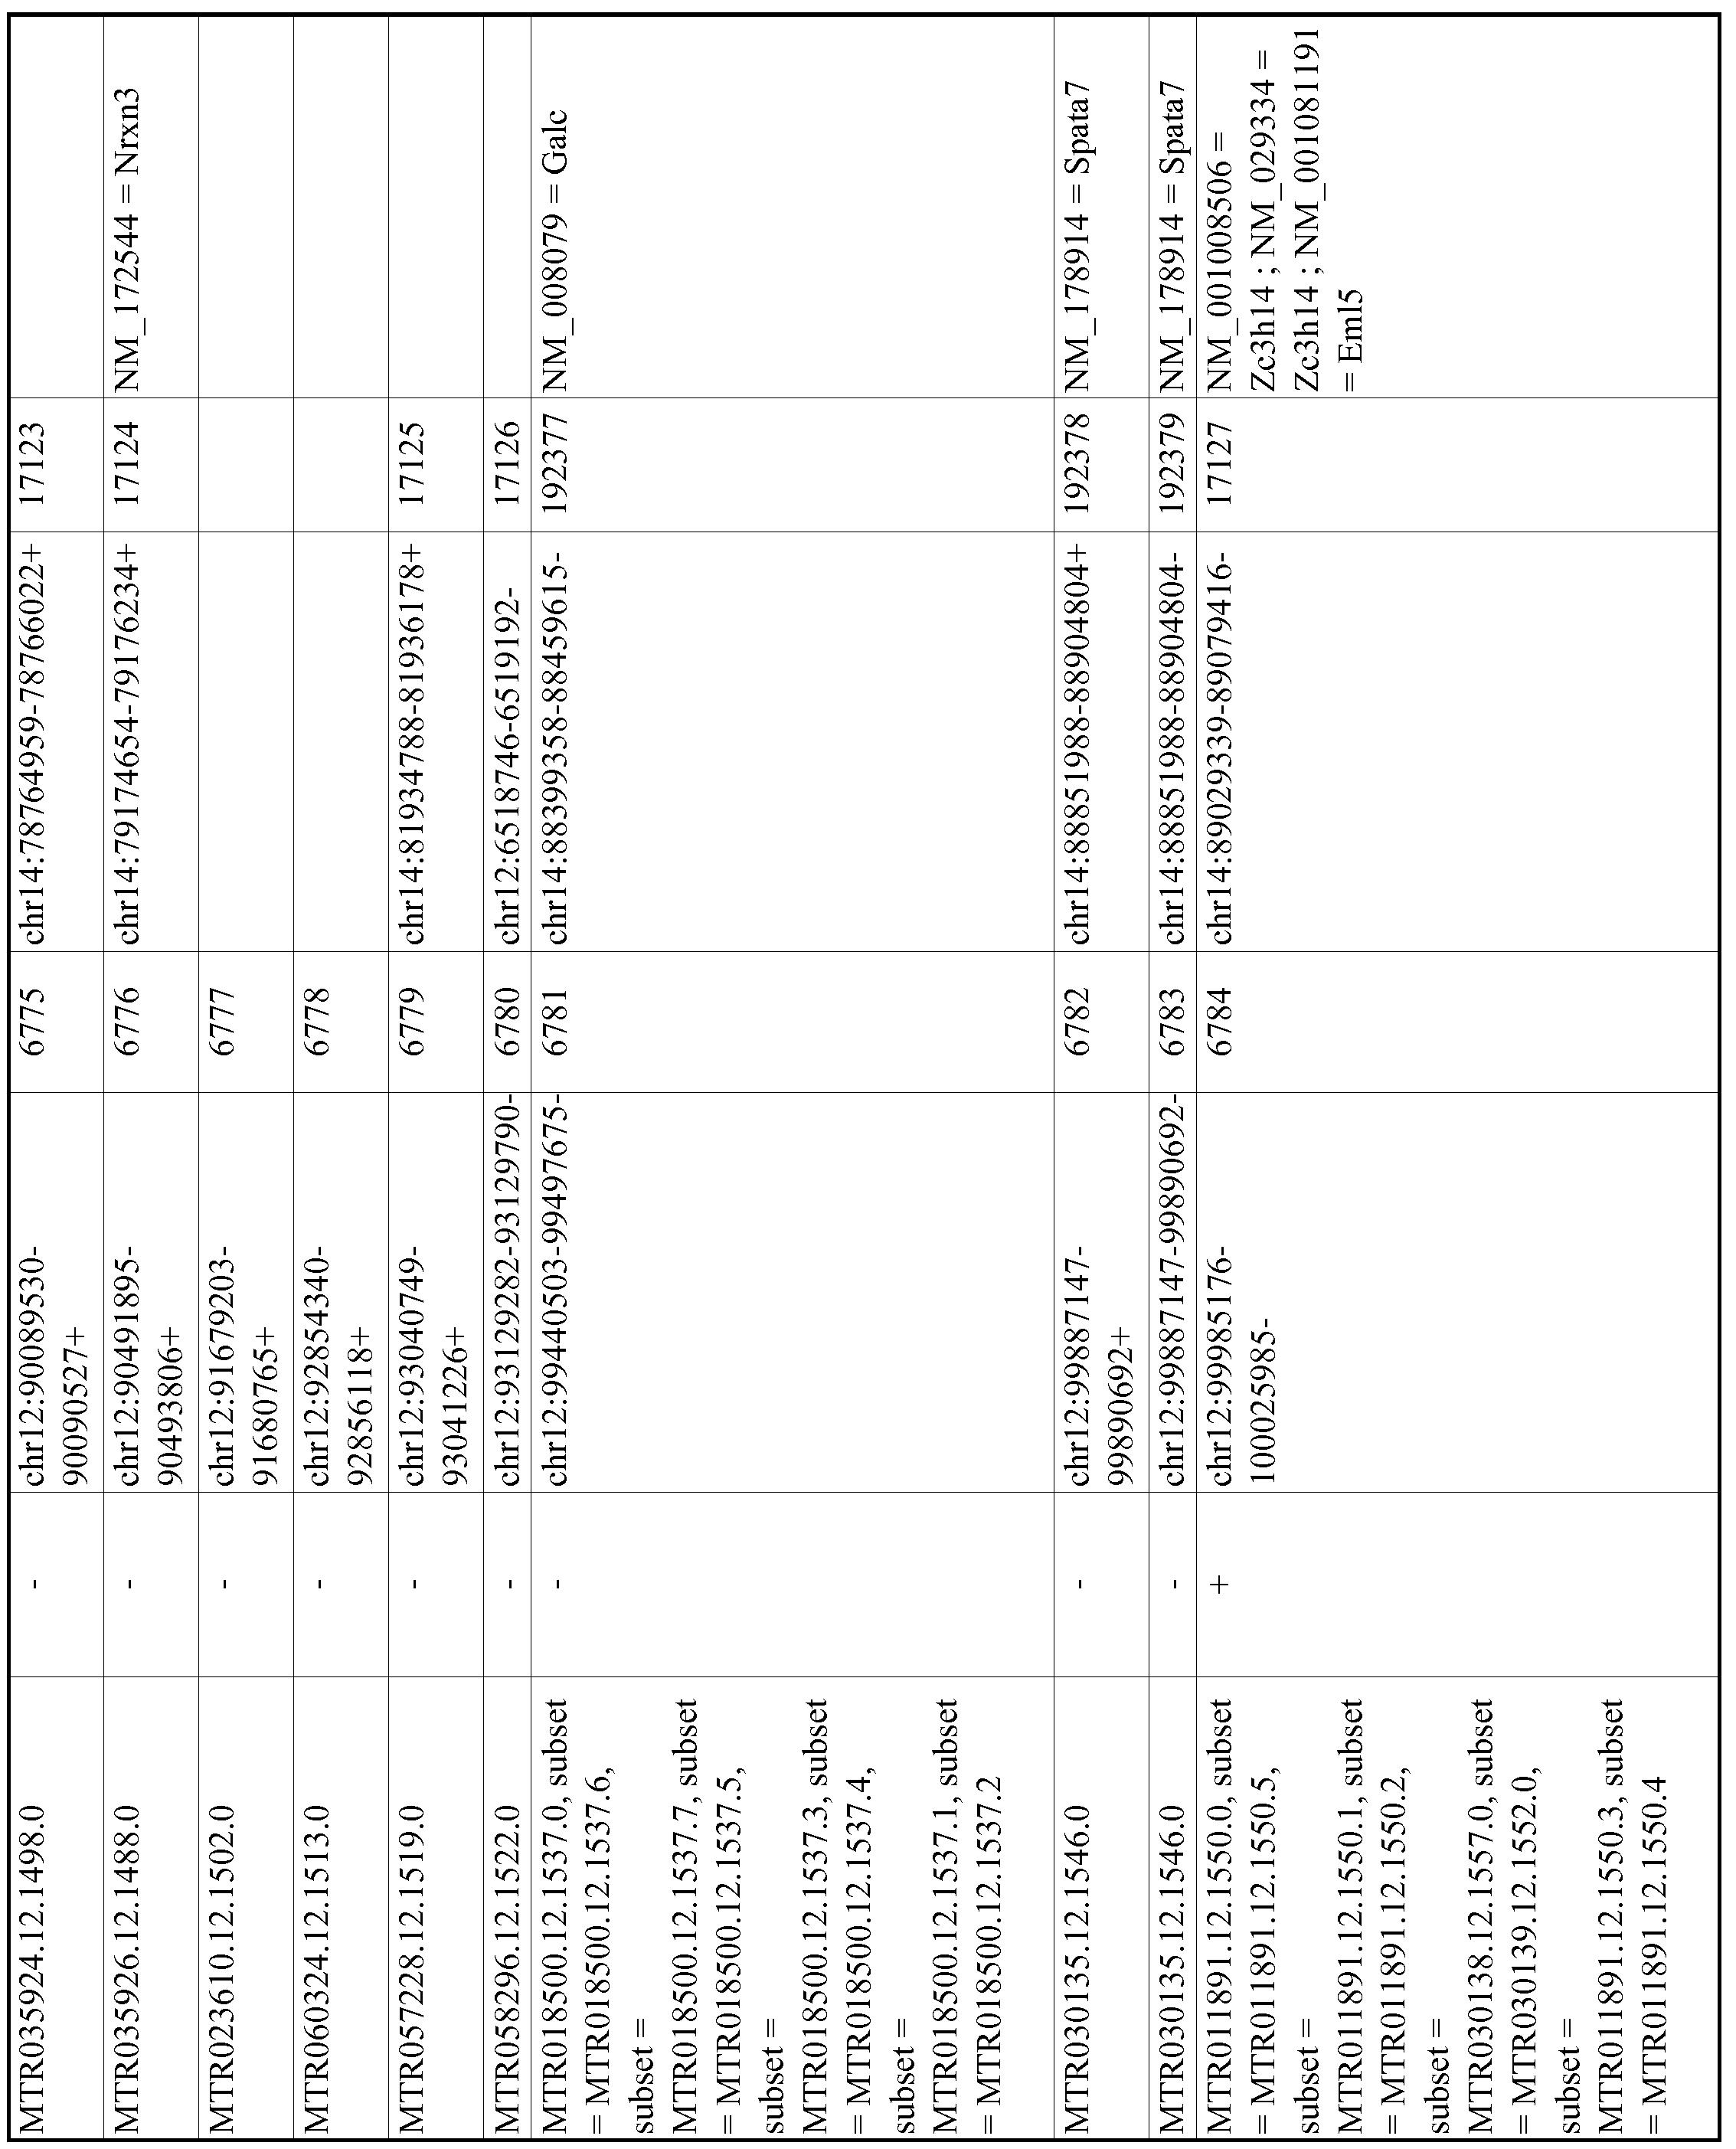 Figure imgf001206_0001